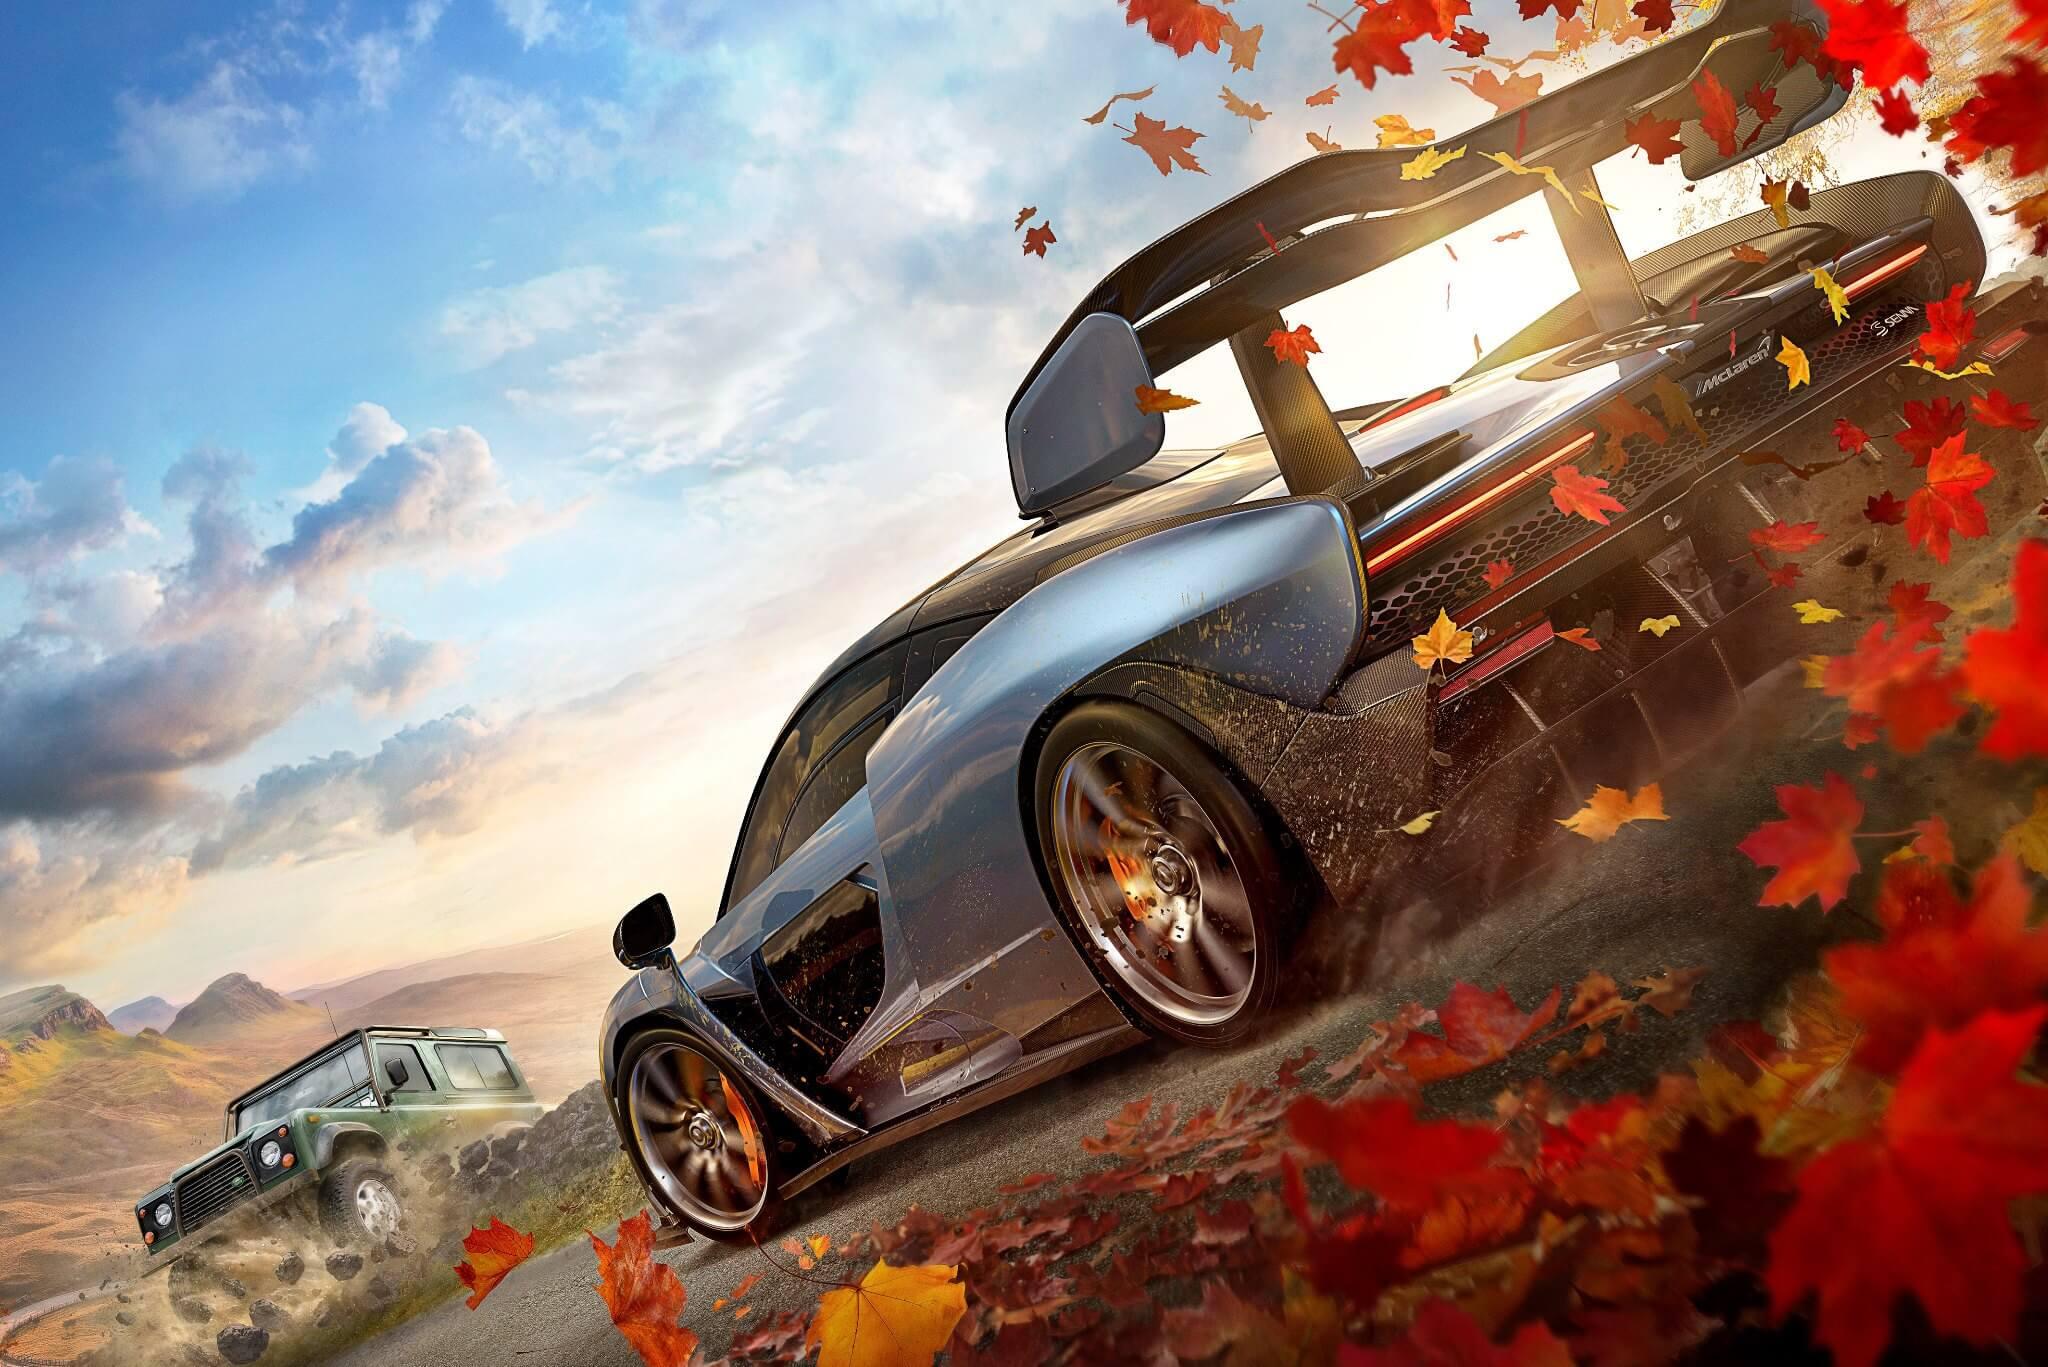 [ CONCOURS ] Tentez de remporter le jeu Forza Horizon 4 sur Xbox One !